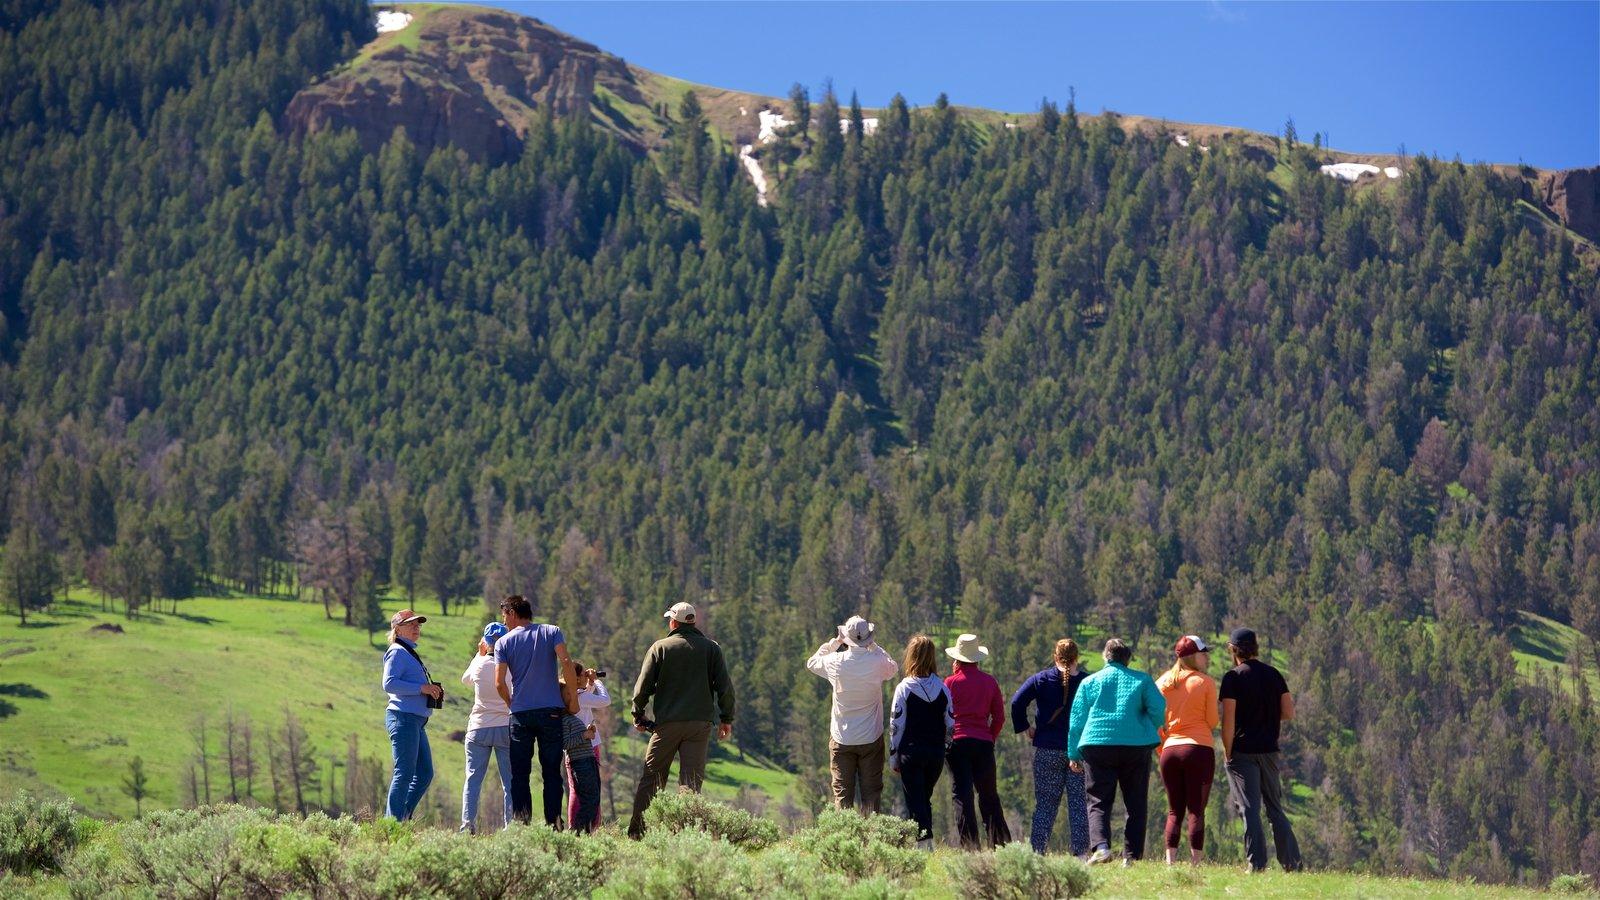 Yellowstone National Park caracterizando cenas tranquilas assim como um pequeno grupo de pessoas